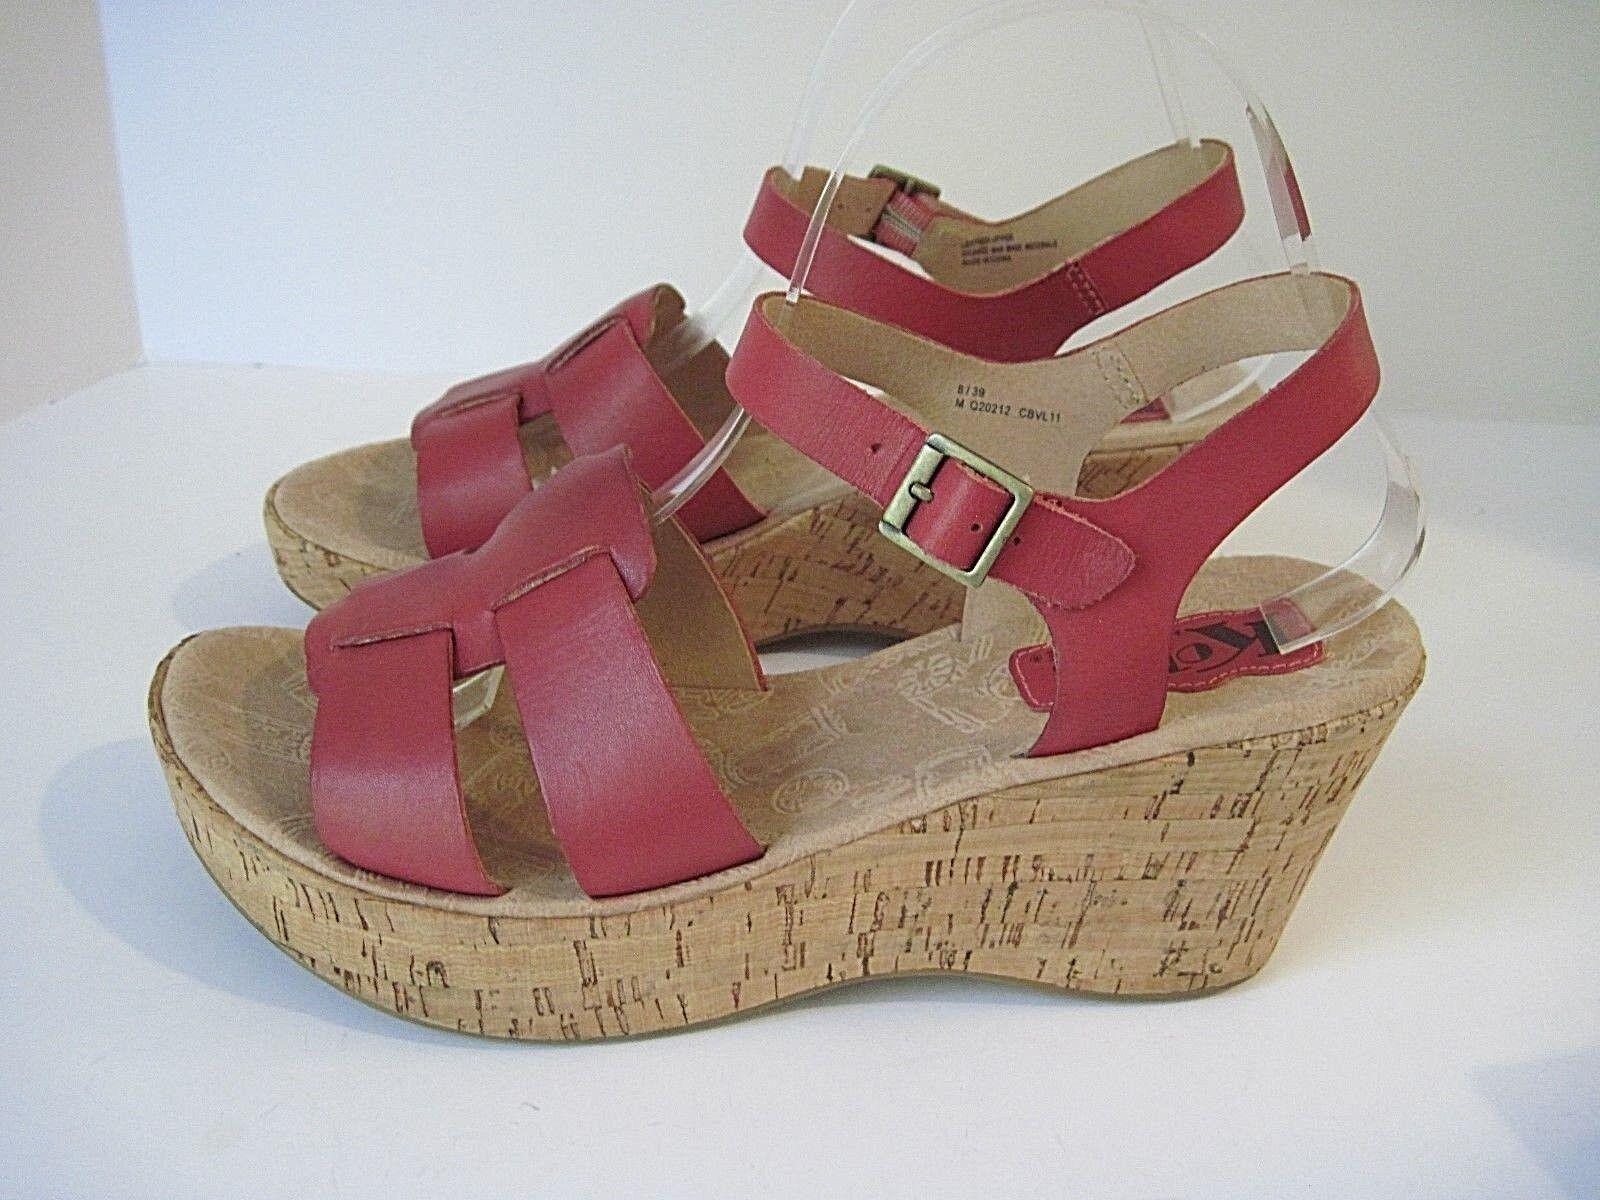 forma unica Korks by by by Kork-Ease DELLA rosa Leather Platform Wedge Sandals Dimensione 8  EU 39  nuovi prodotti novità